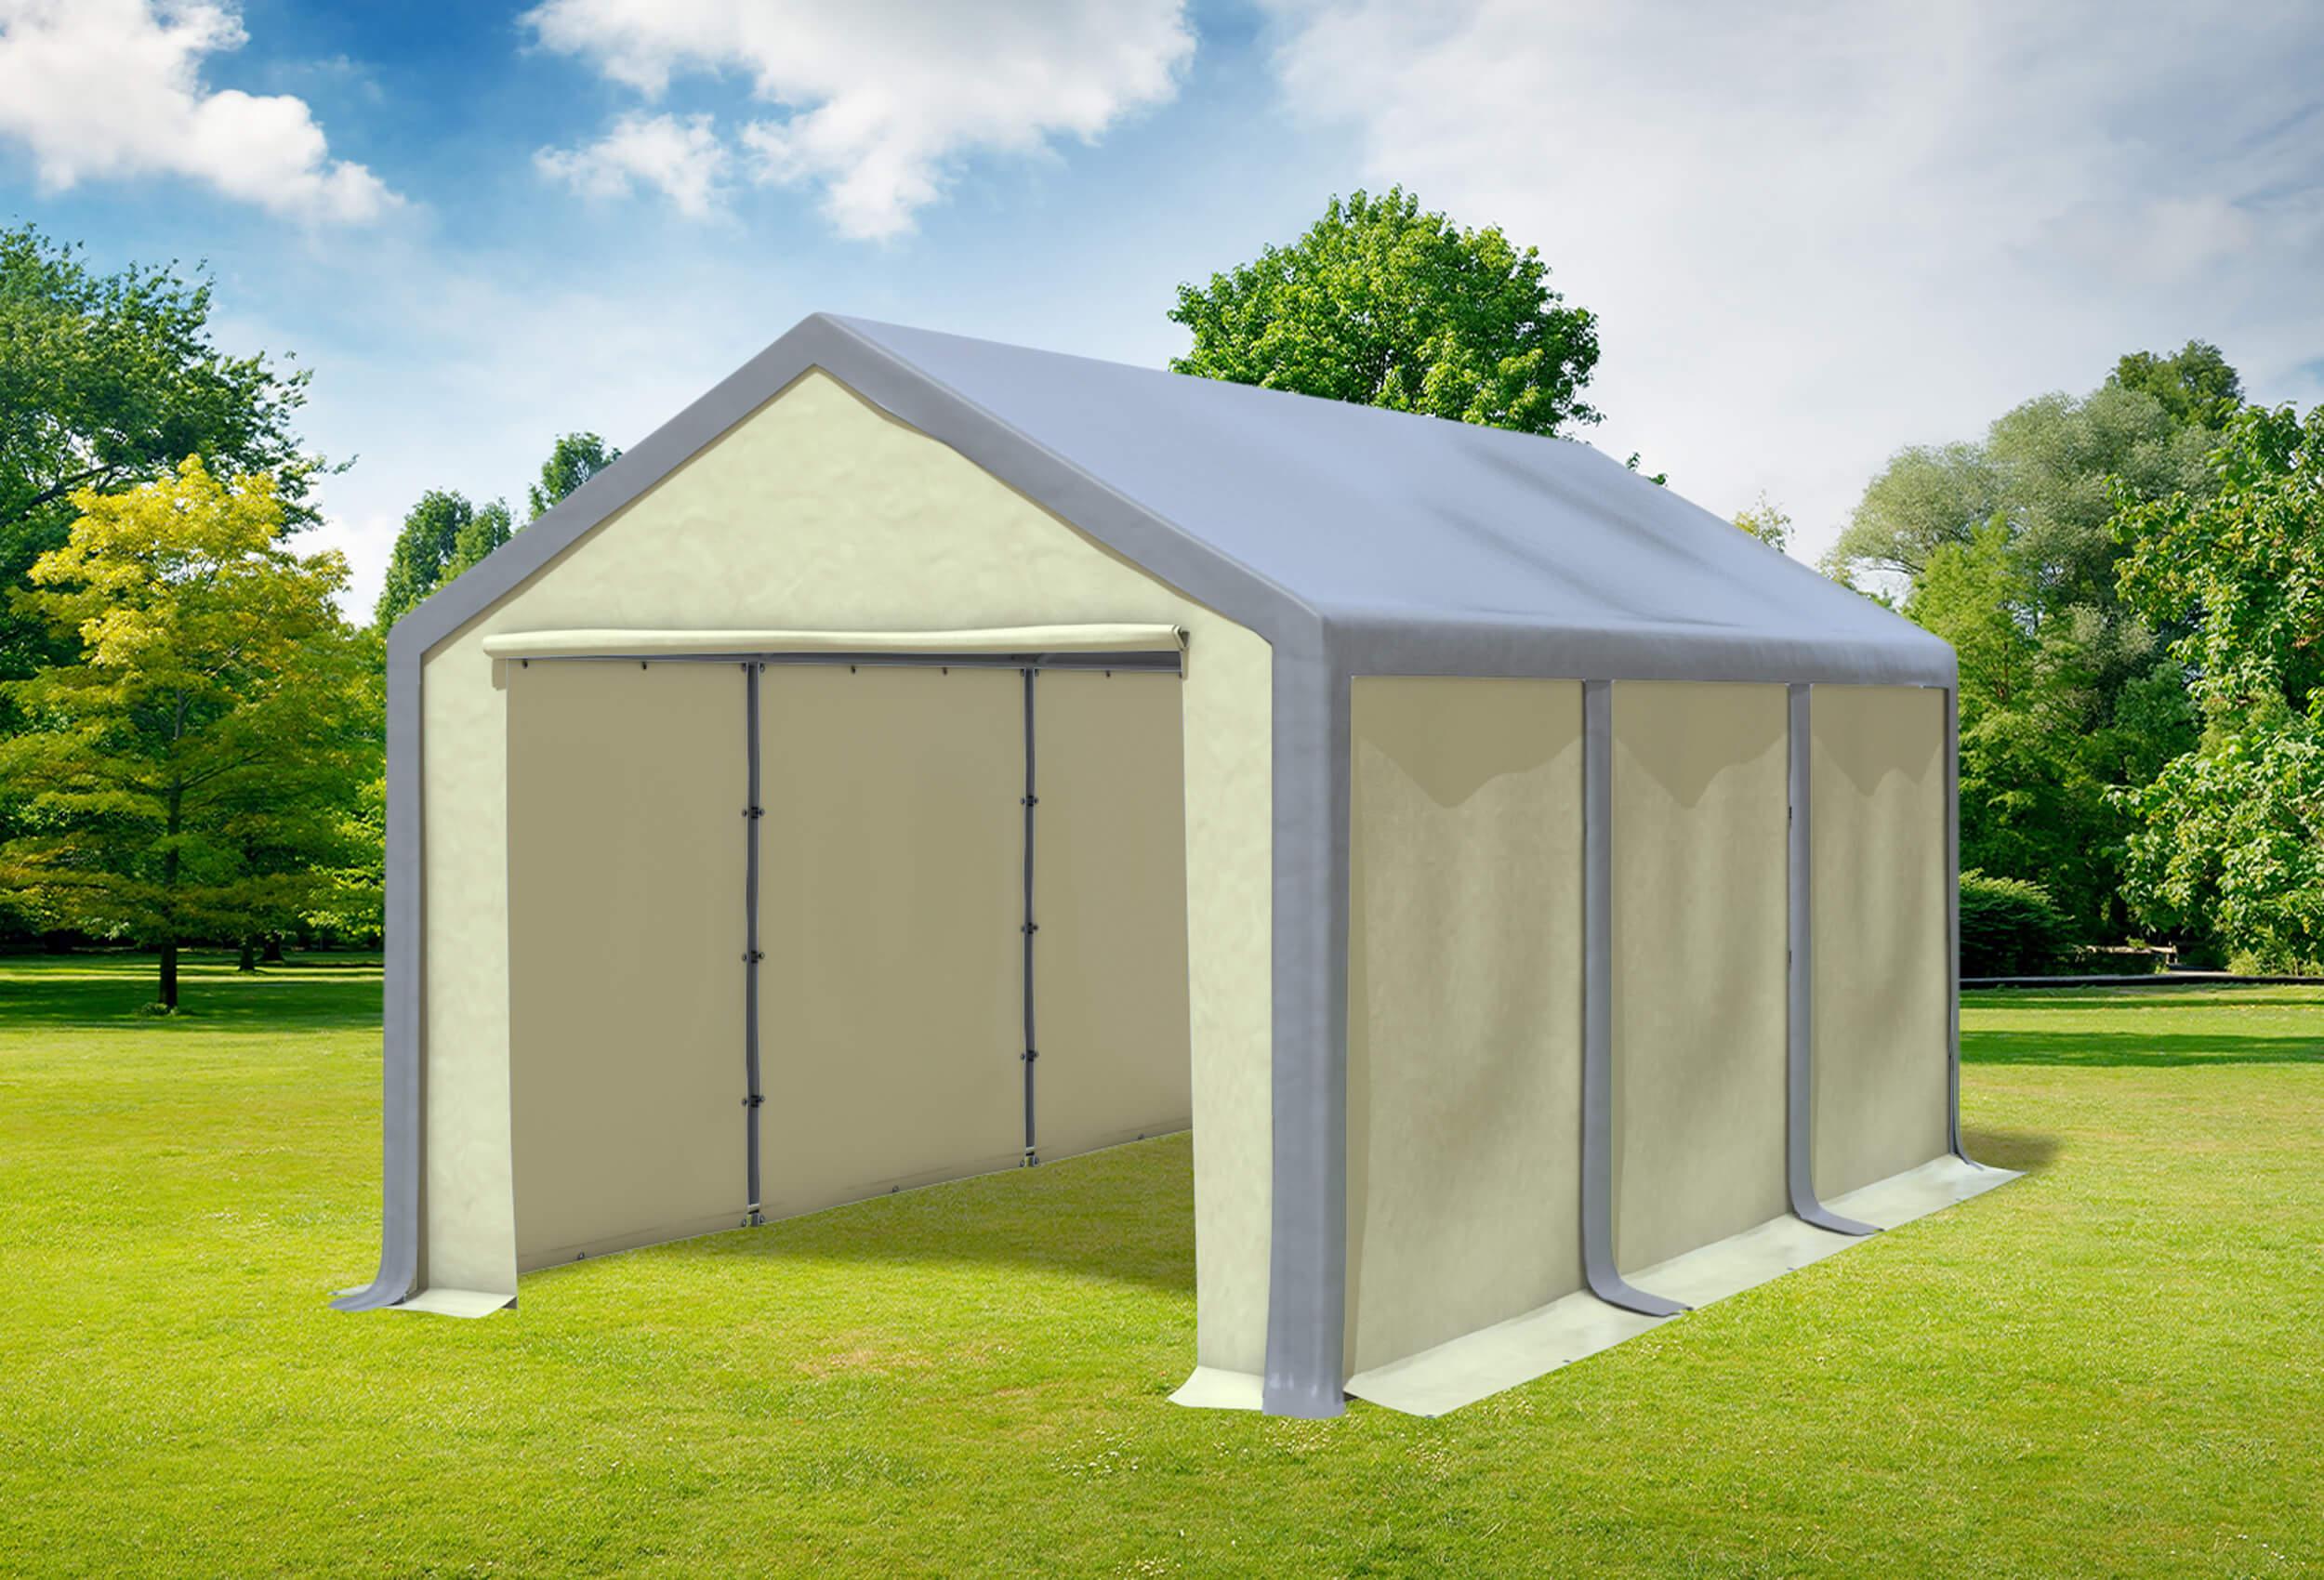 3x6 m partyzelt pvc modular pro pvc grau beige profi zelt versandkostenfrei. Black Bedroom Furniture Sets. Home Design Ideas